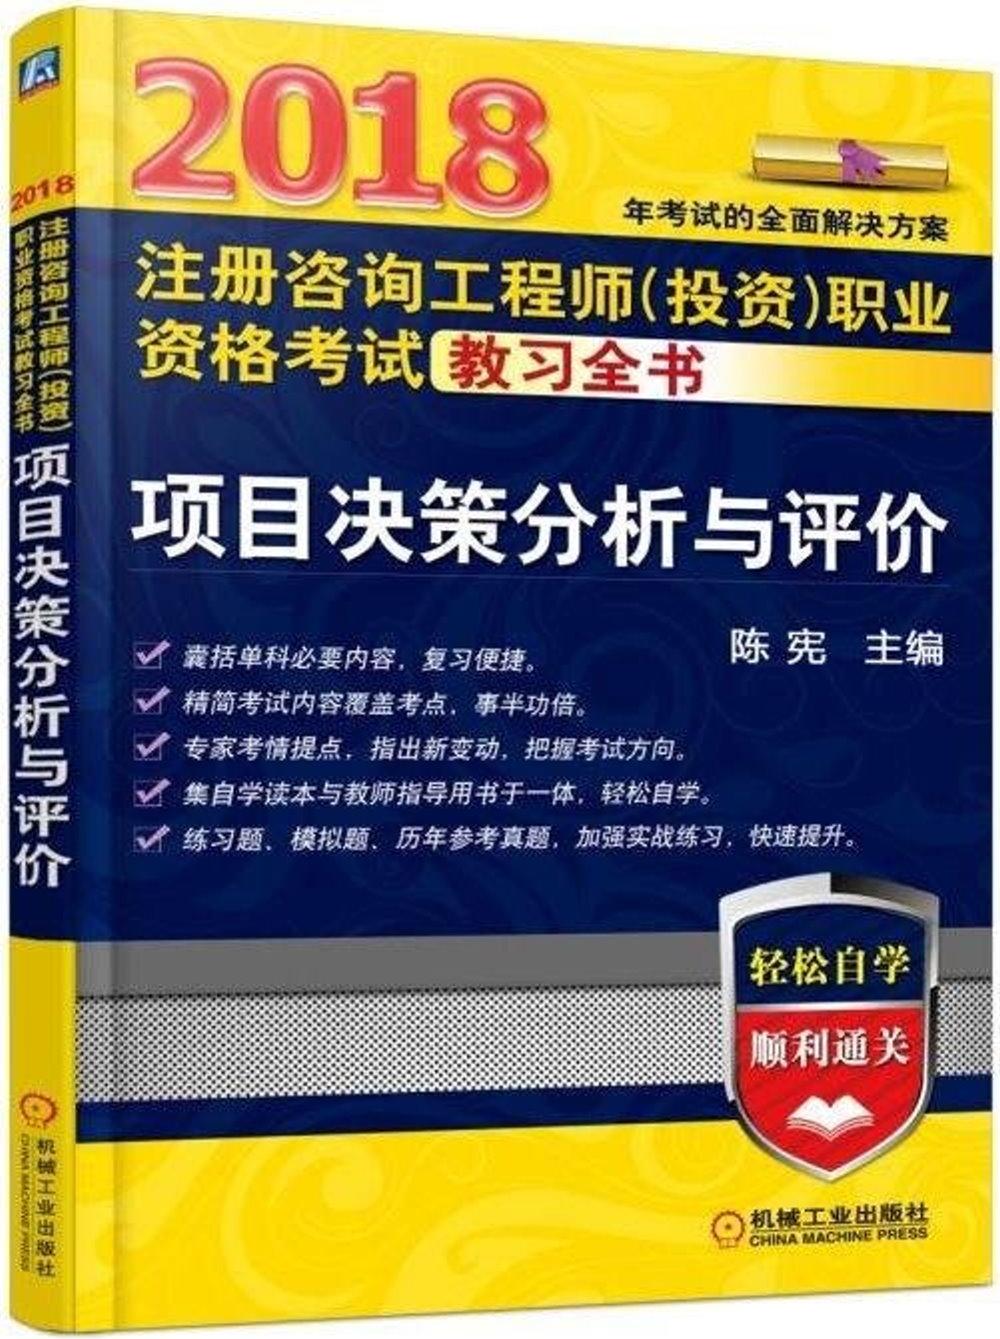 2018注冊咨詢工程師(投資)職業資格考試教習全書:項目決策分析與評價